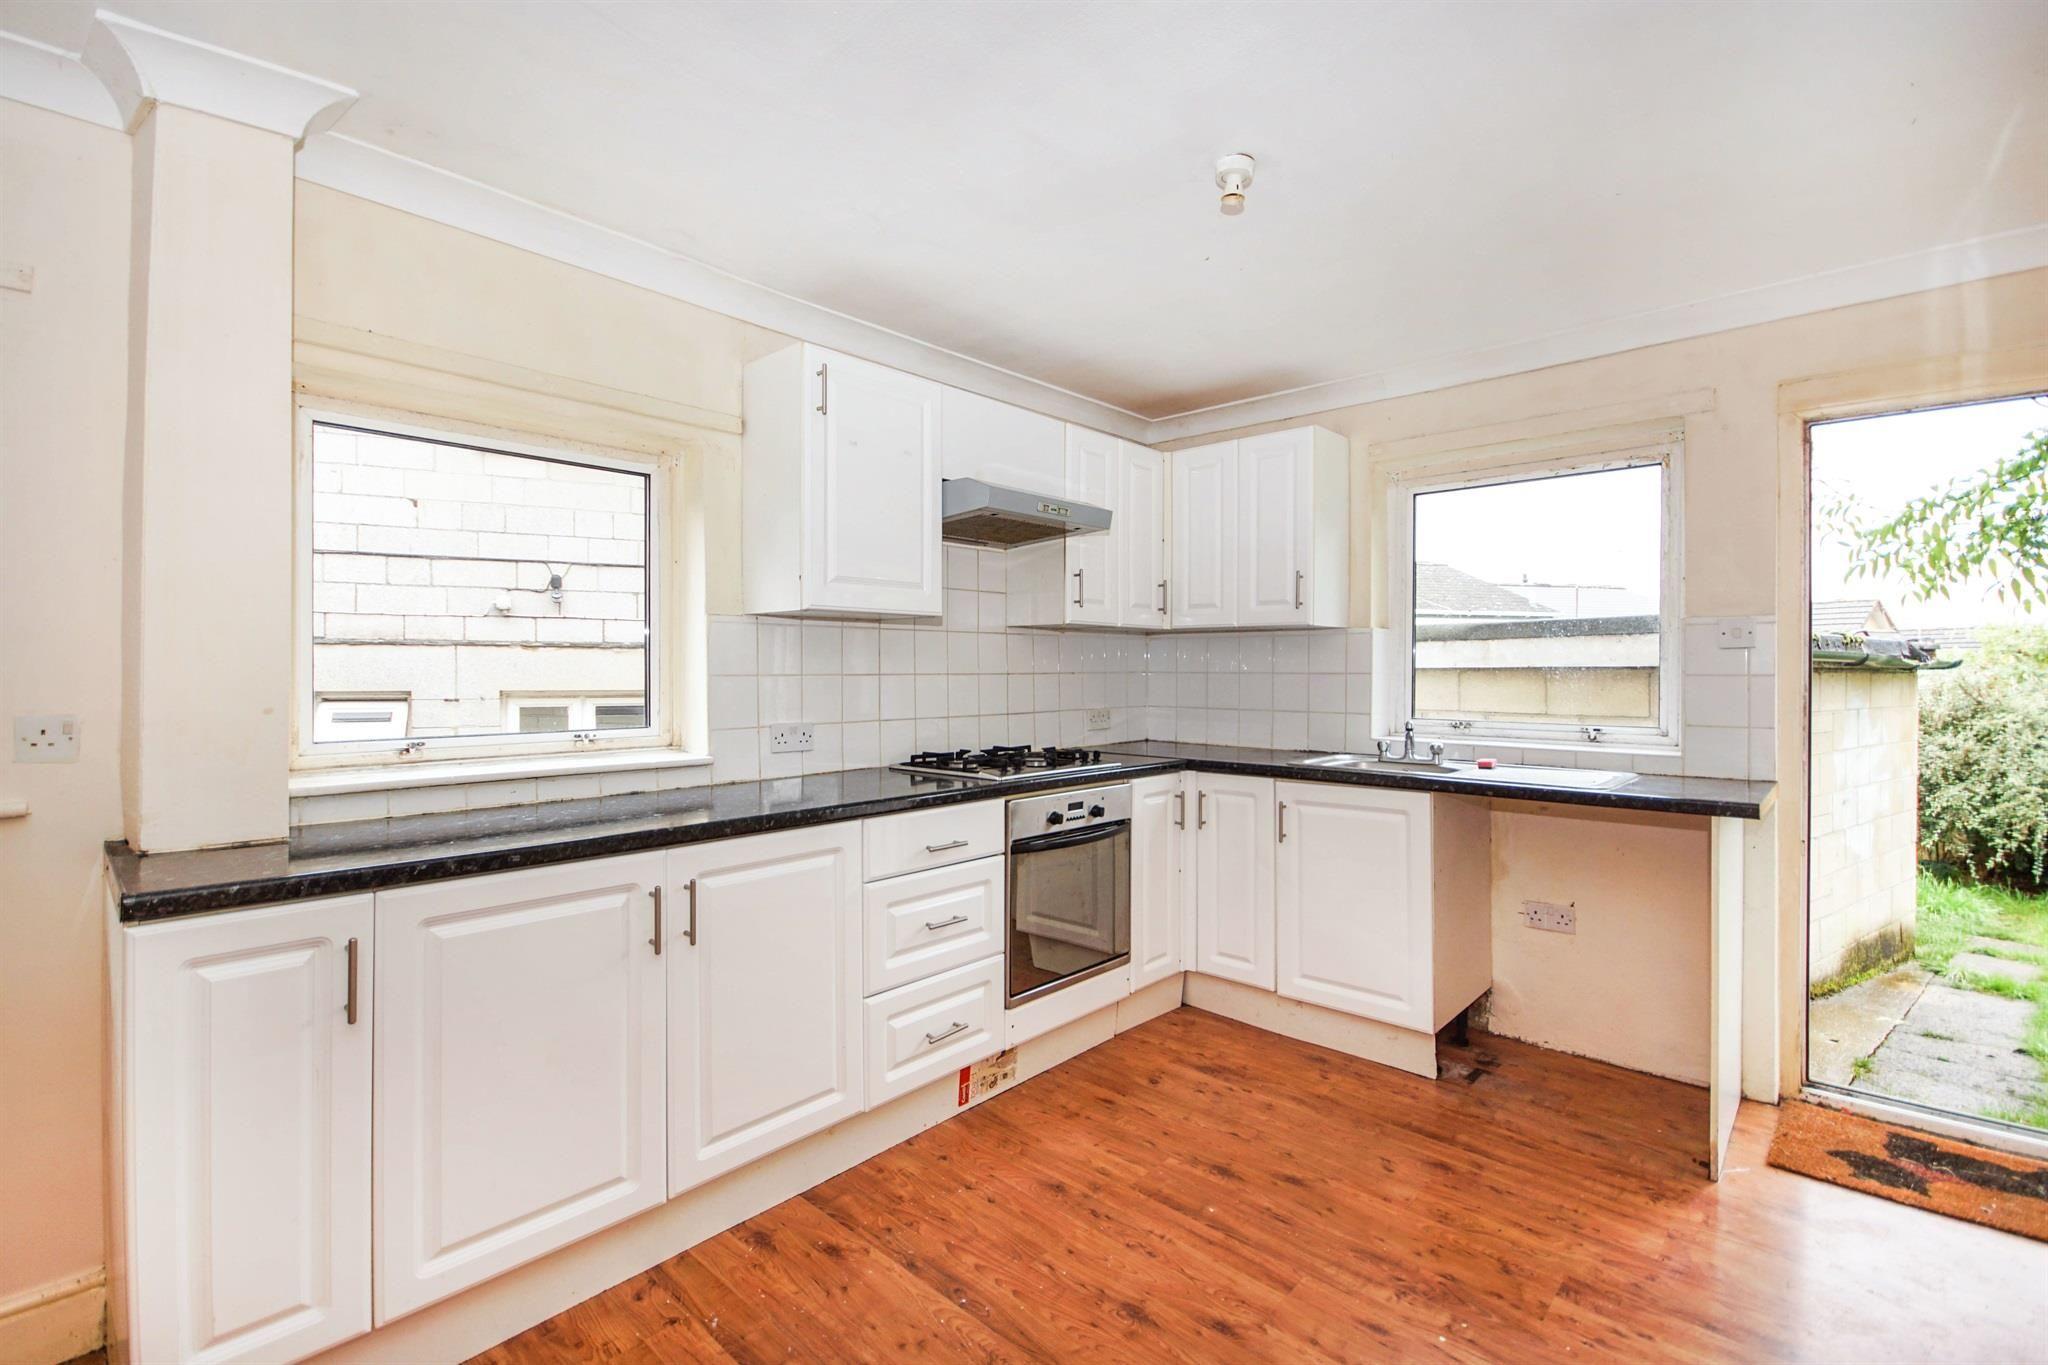 Property photo 1 of 12. Image